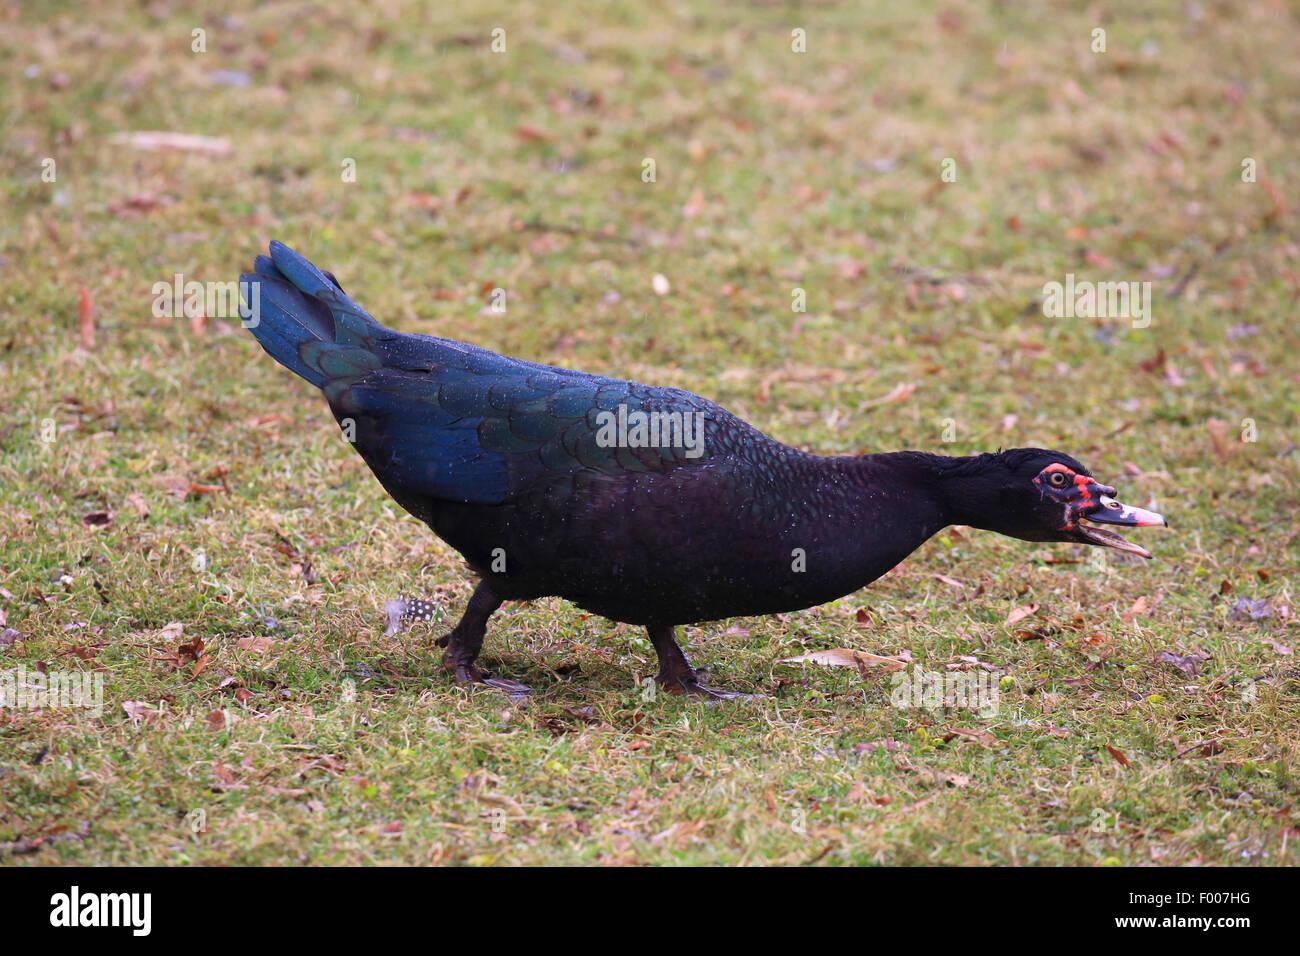 Pato real (Cairina moschata), amenazando Imagen De Stock